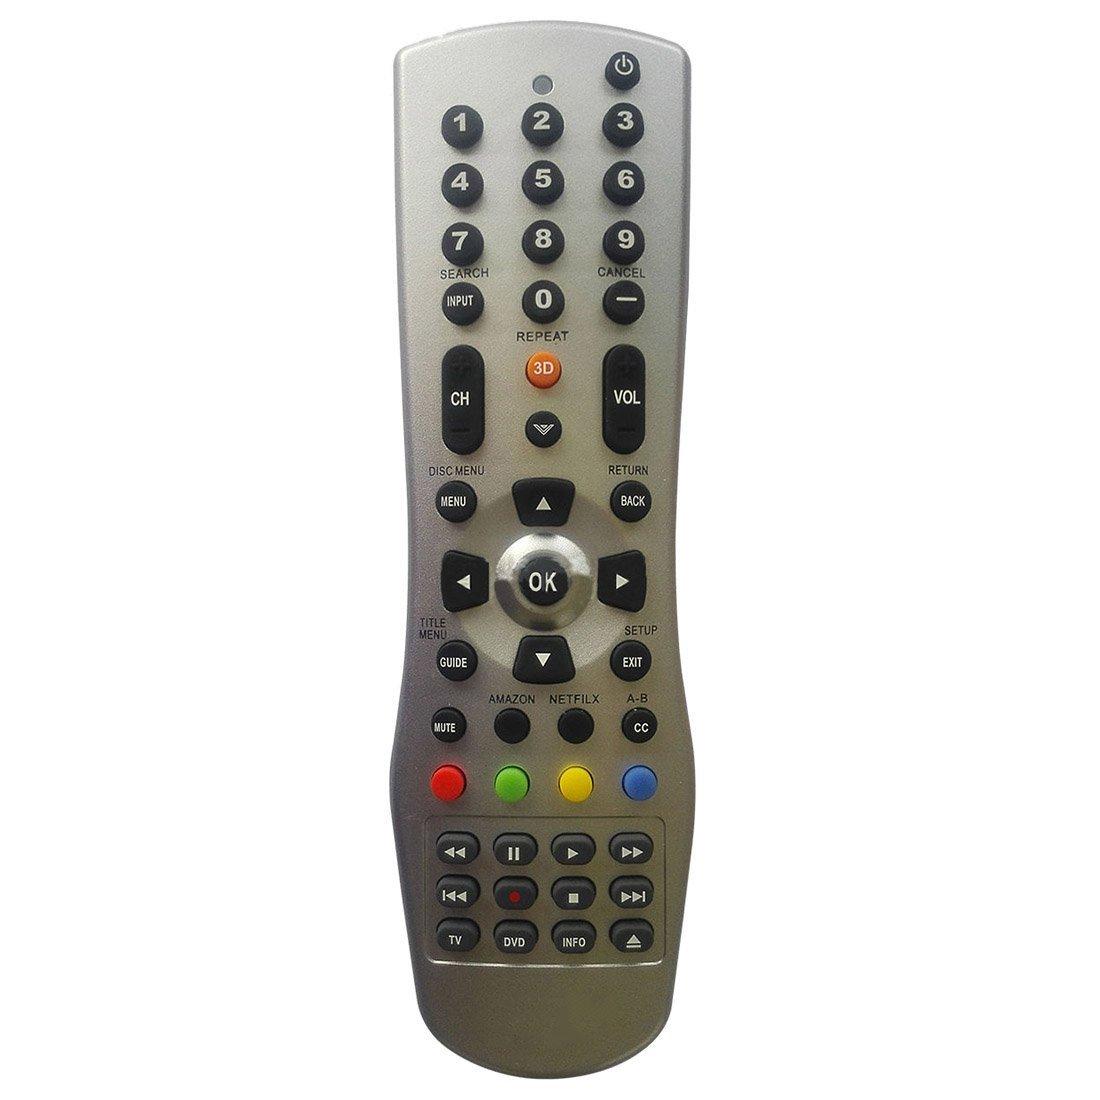 VIZIO Remote Control - SODIAL(R) NEW Vizio Universal Remote For VUR12 XRT112 XRT510 XRU110 VR1 VR2 VR4